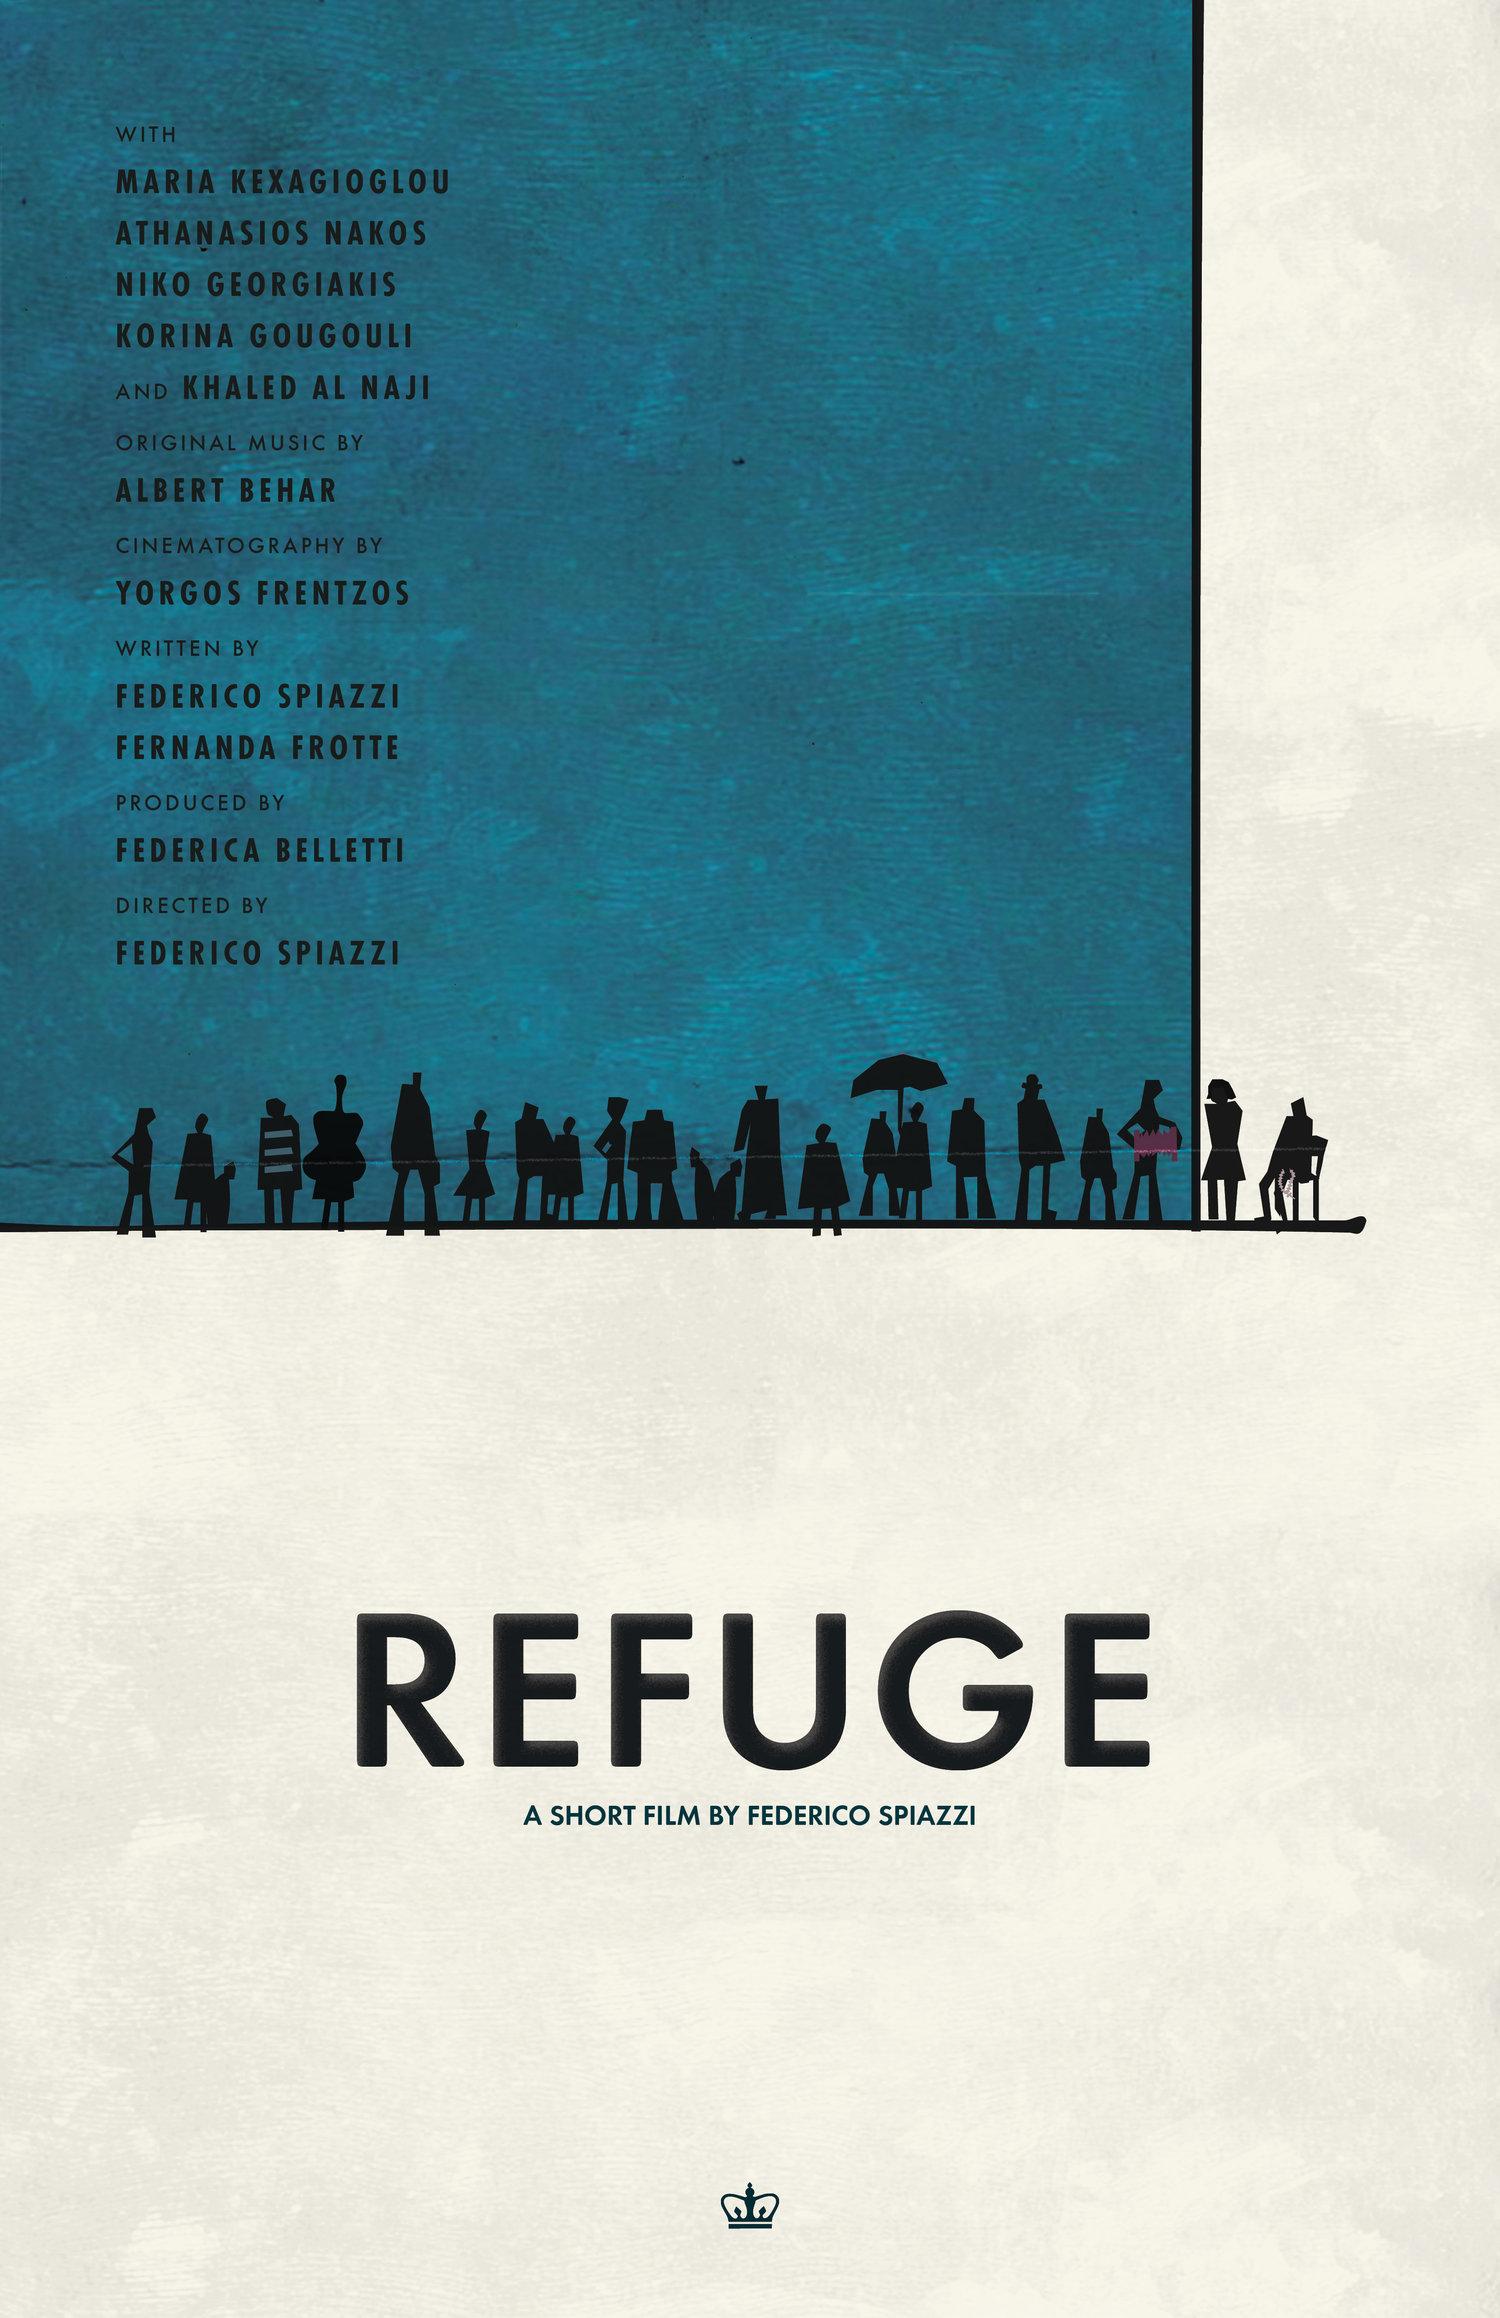 Refuge_Poster_05102018_InternetFinal_hiRes.jpg